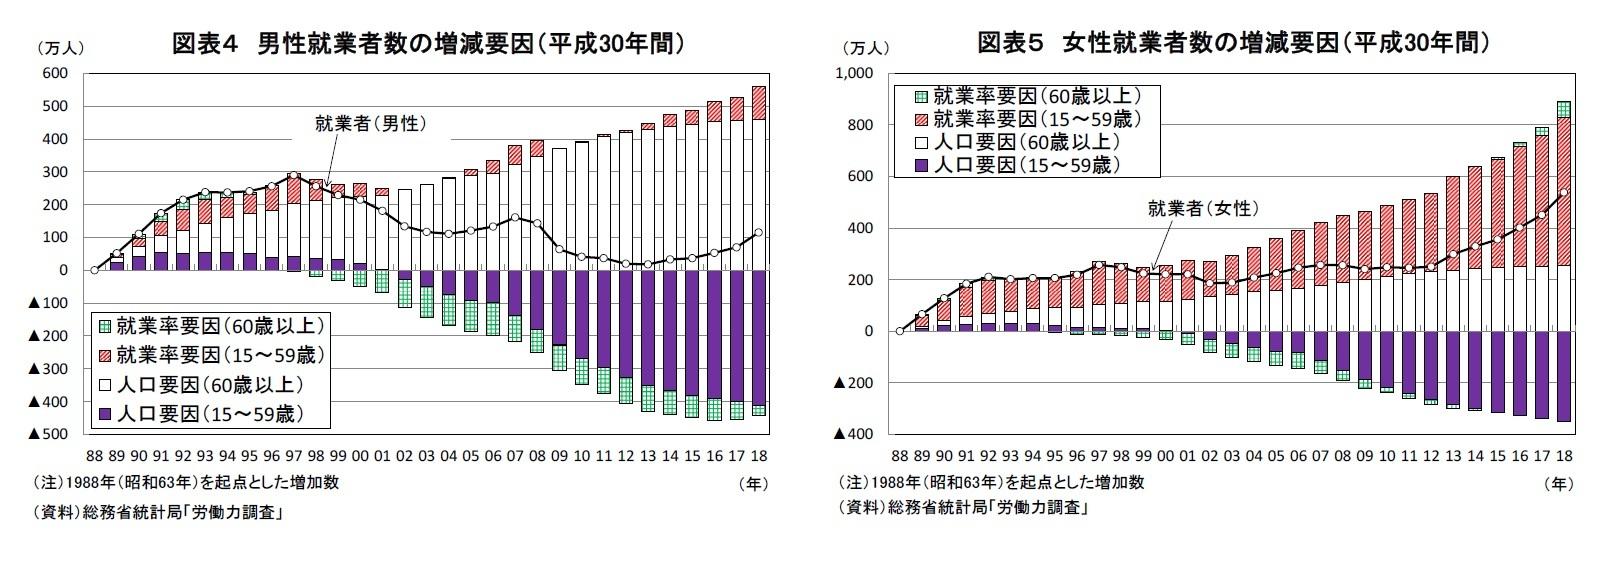 図表4 男性就業者数の増減要因(平成30年間)/図表5 女性就業者数の増減要因(平成30年間)